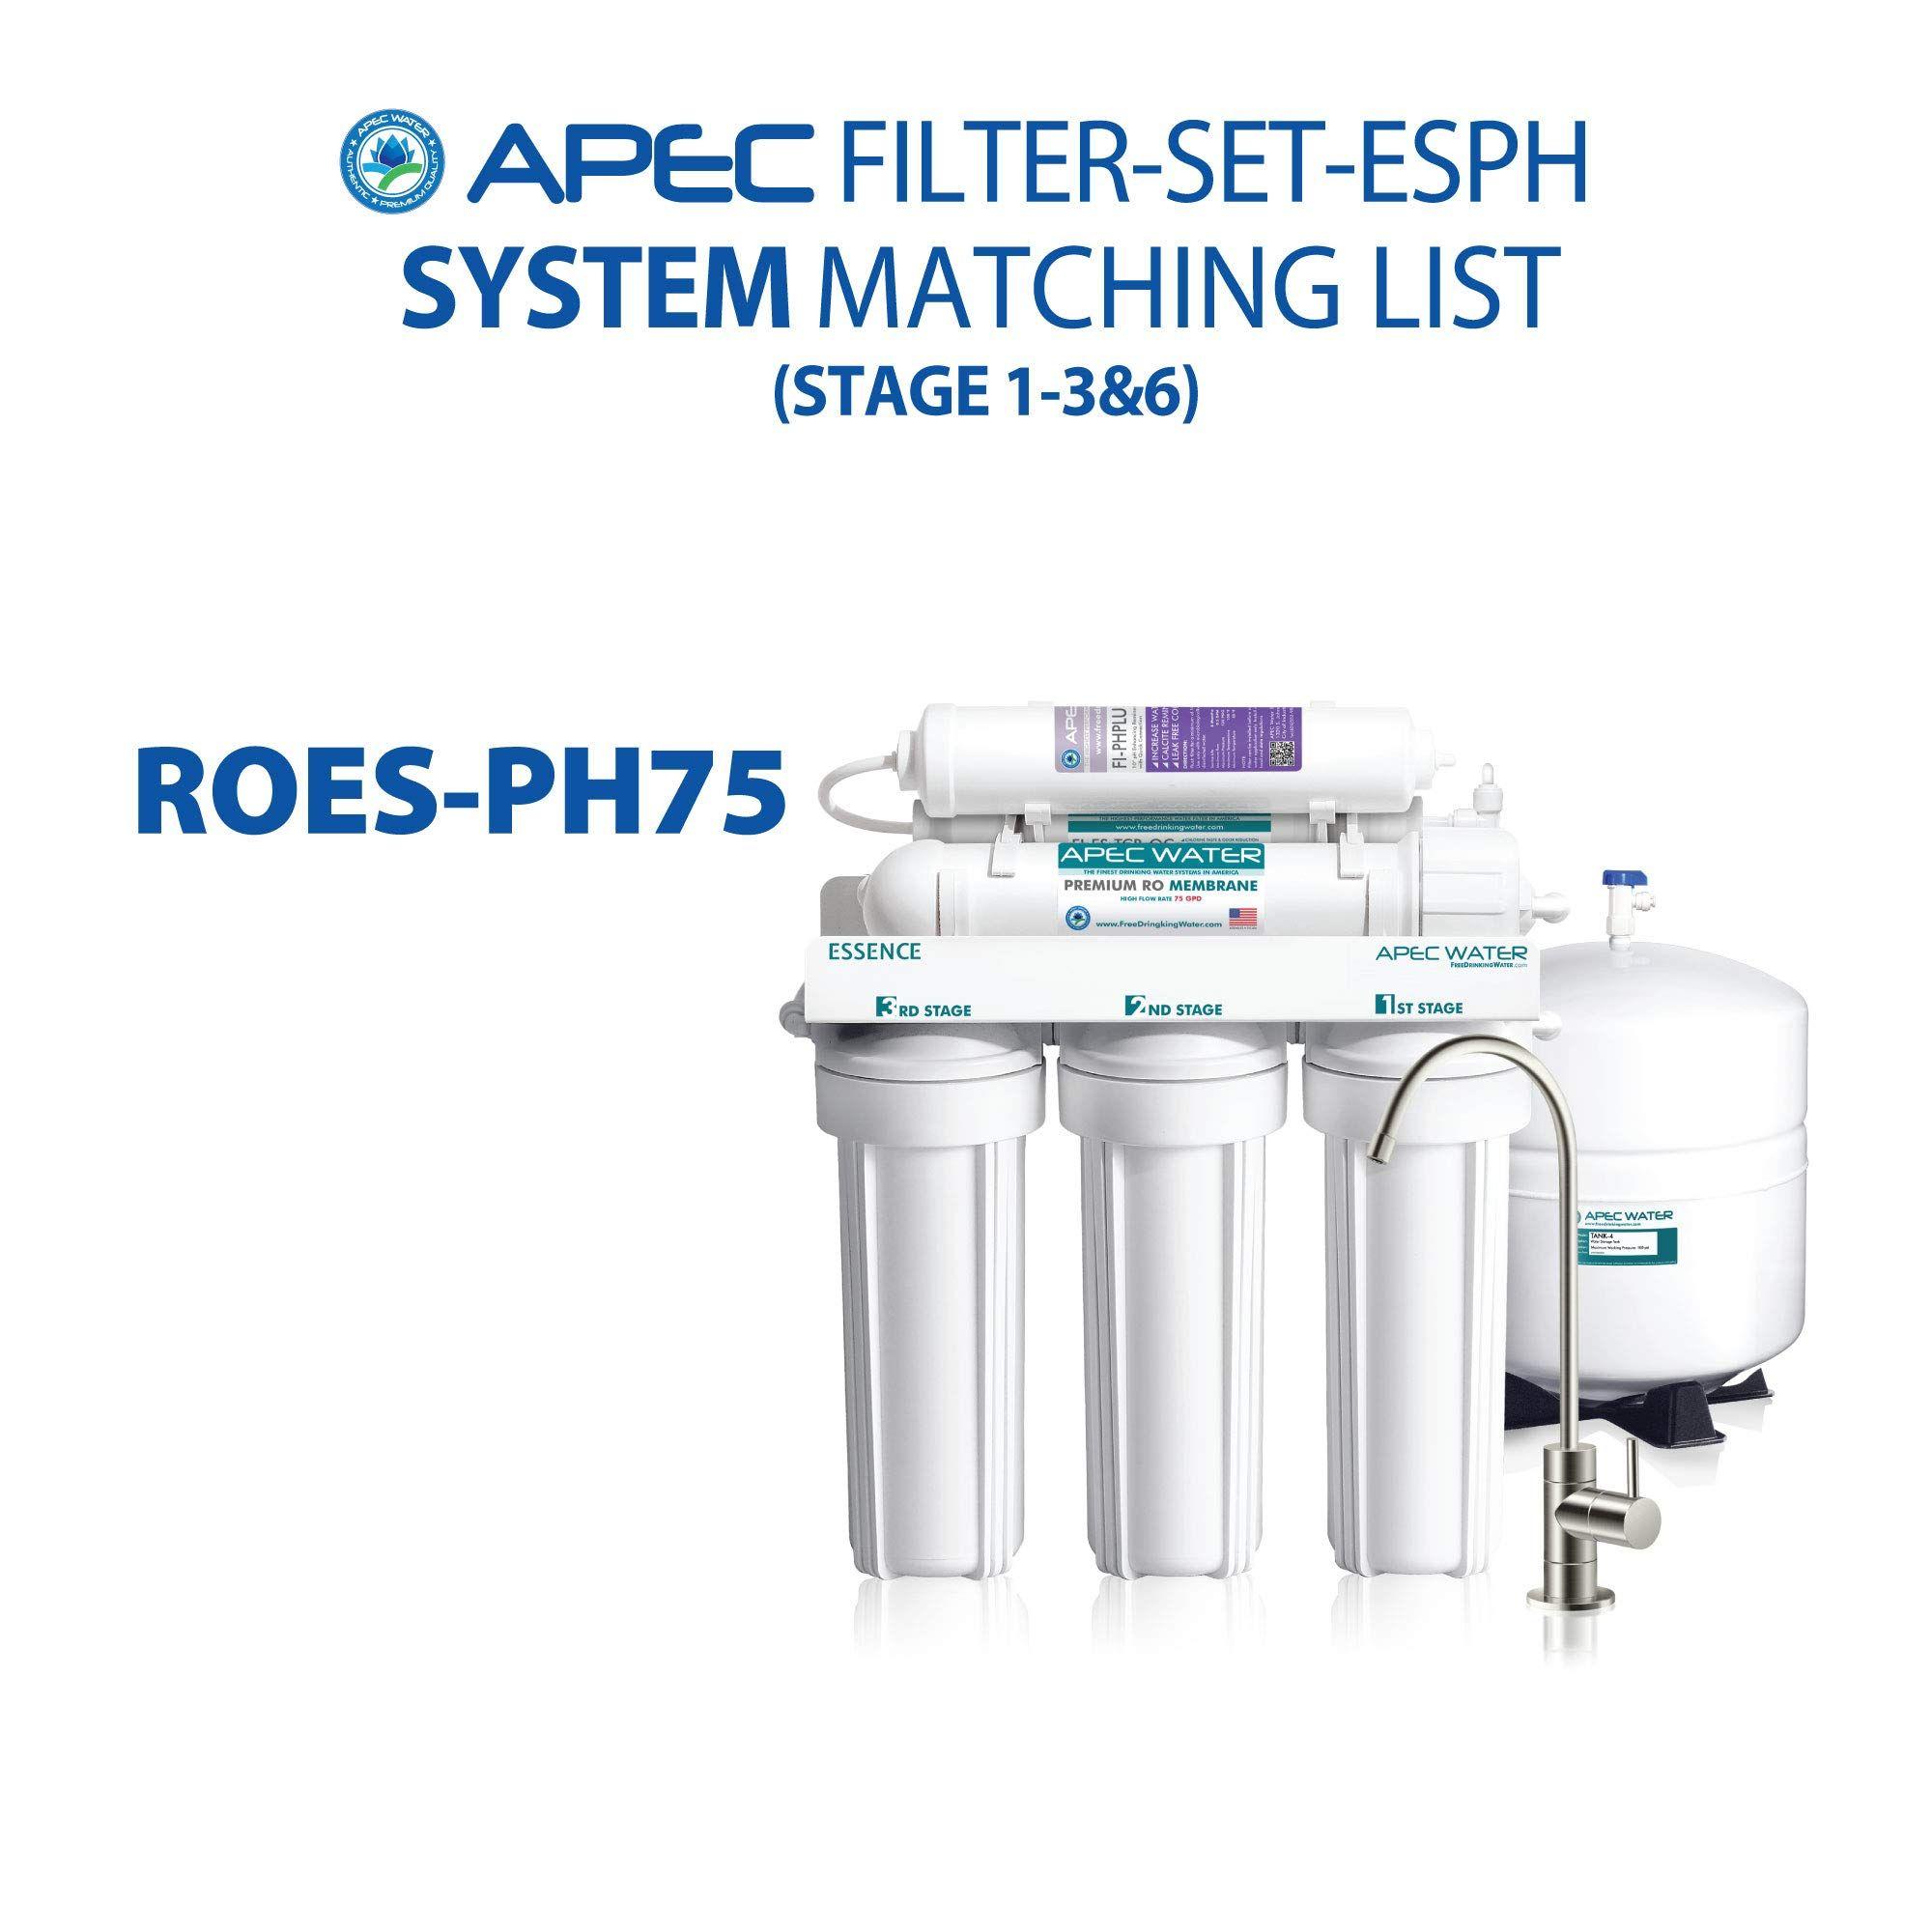 Apec filtersetesph high capacity replacement filter set